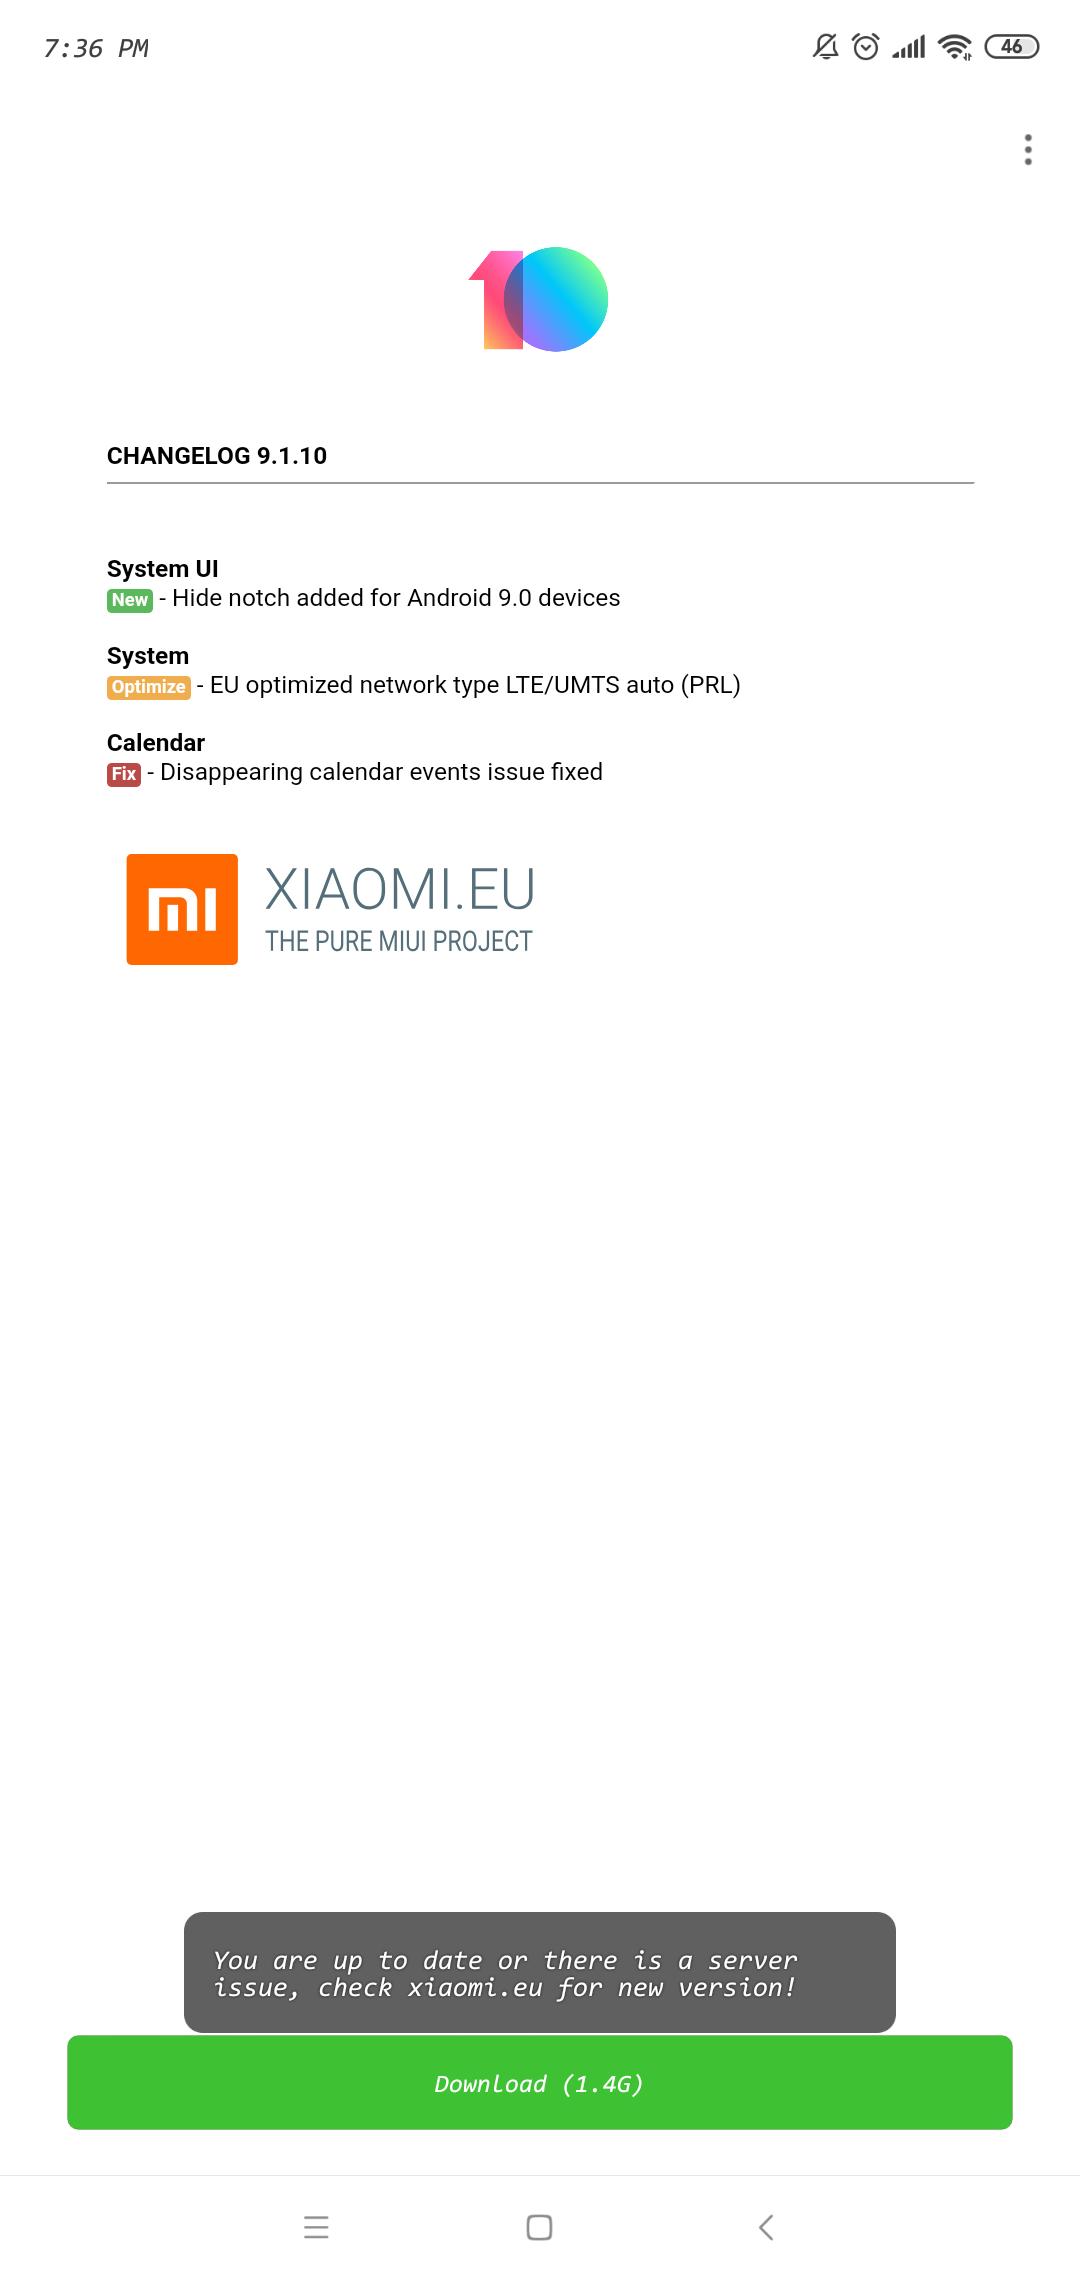 Screenshot_2019-01-14-19-36-16-284_pl.zdunex25.updater.png